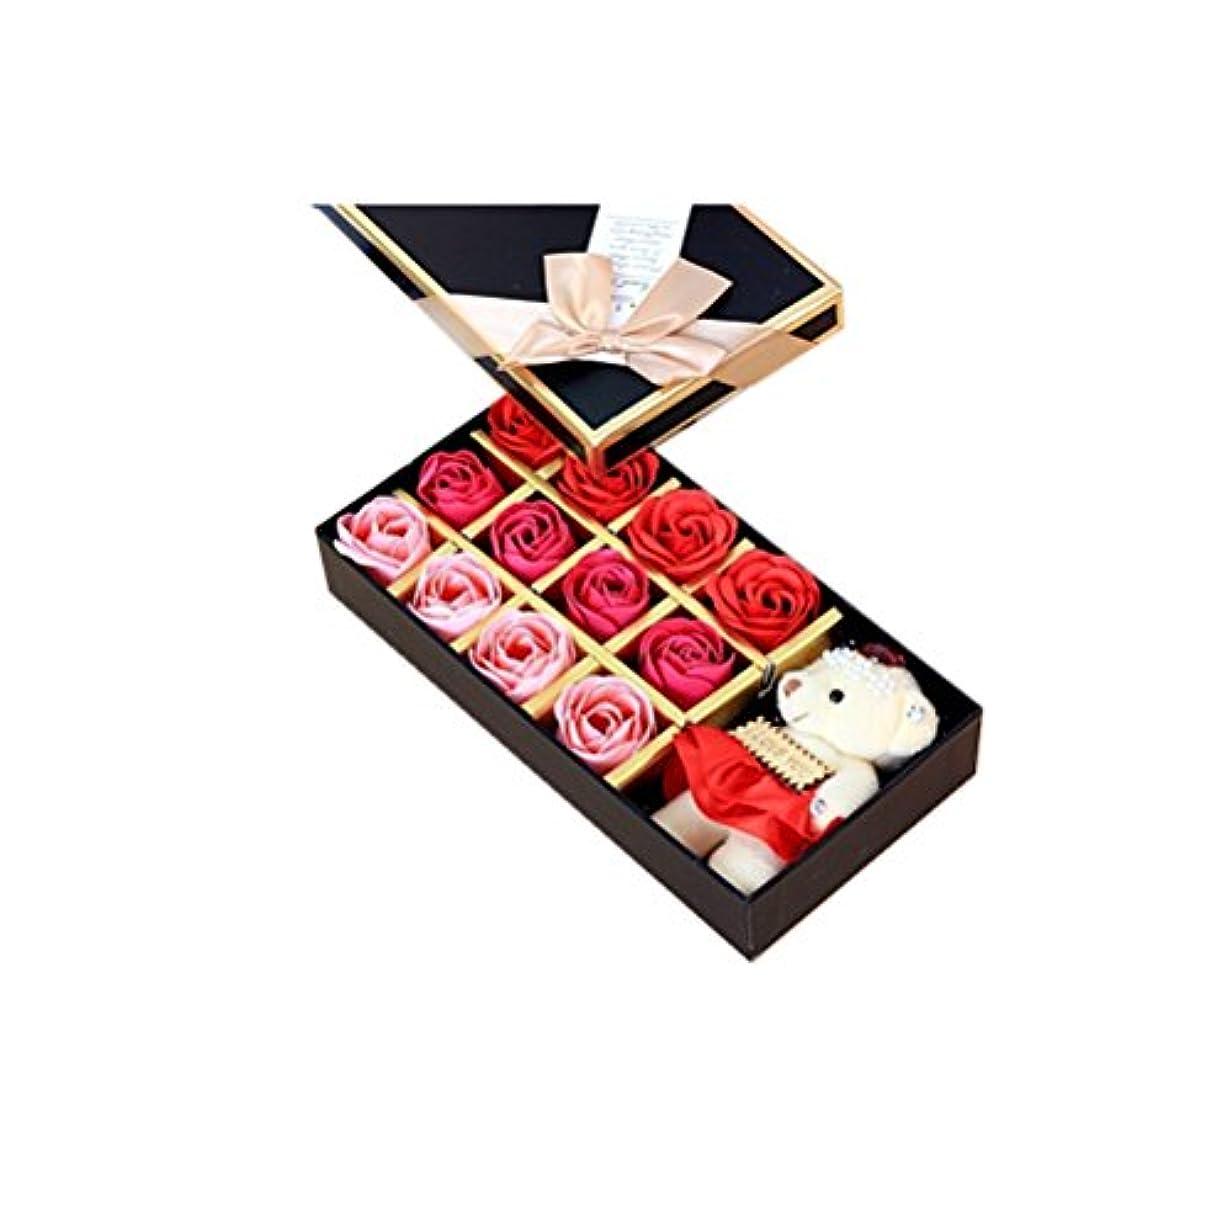 ファンネルウェブスパイダー効率的に望ましいROSENICE 香り バラの花 お風呂 石鹸 ギフトボックス (赤)